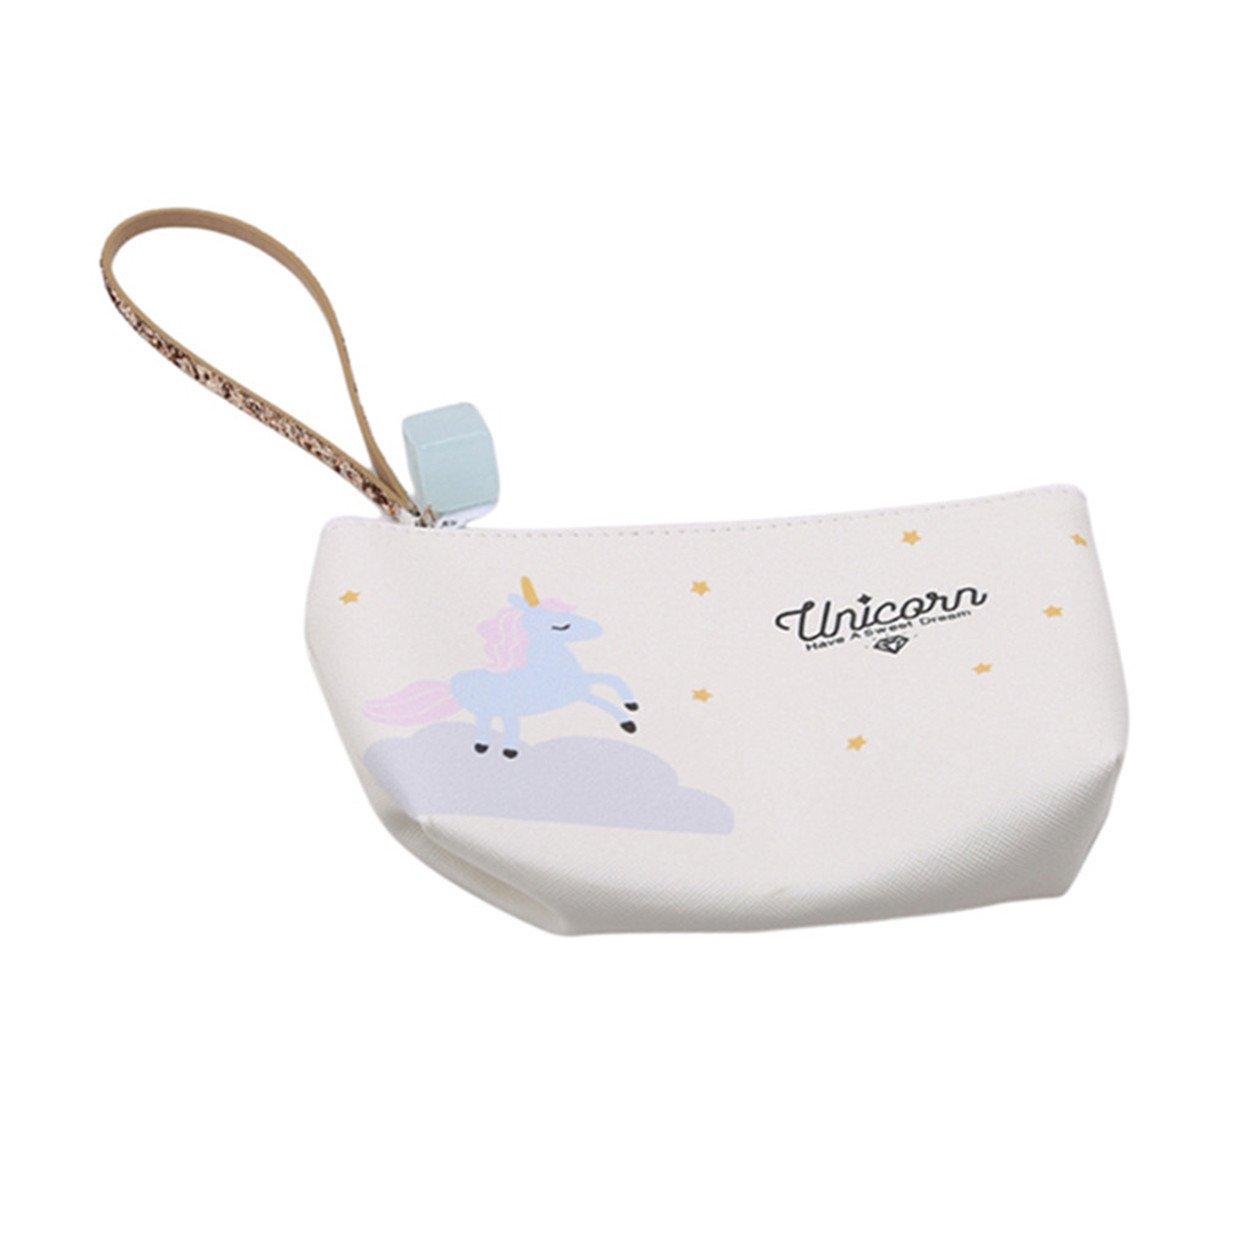 EJY Licorne Portable Sac de Rangement Imperméable, Sac à Cosmétiques Sac à main Porte-monnaie (Bleu ciel)